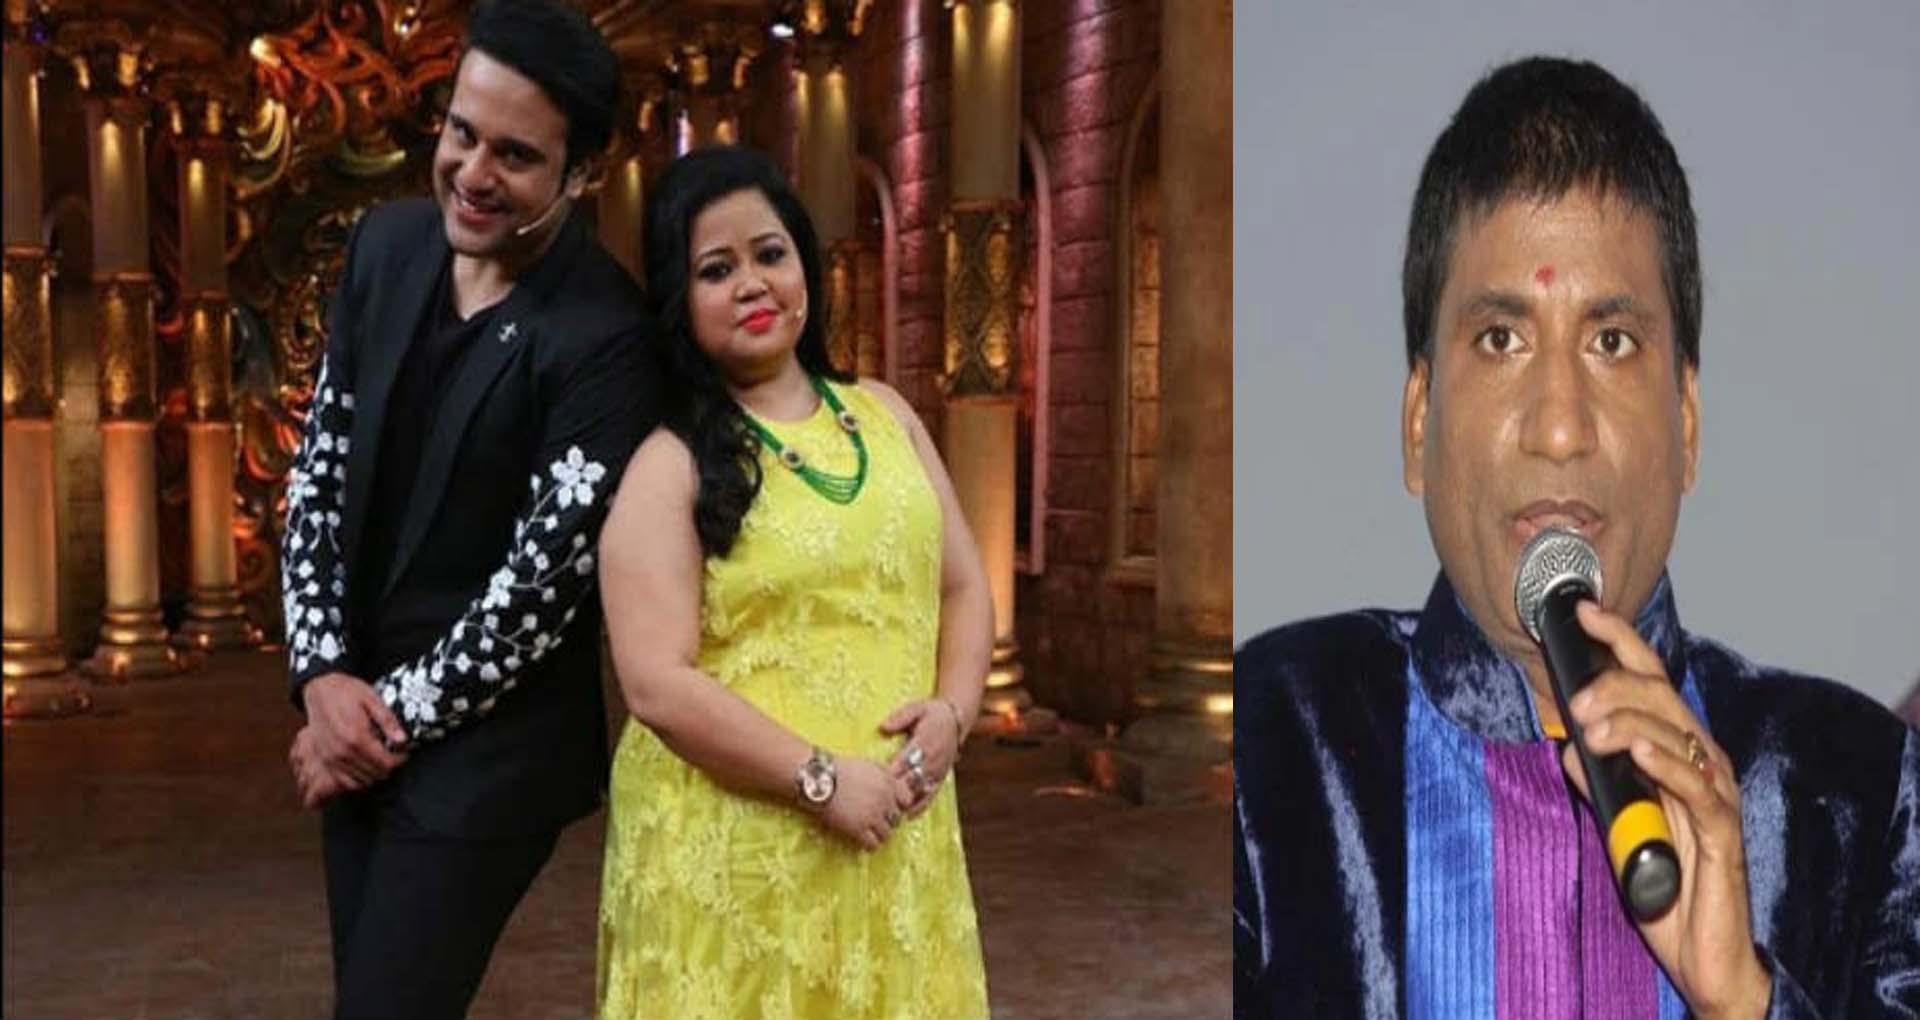 भारती सिंह के सपोर्ट में आए कृष्णा अभिषेक, राजू श्रीवास्तव के बयान को बताया 'बकवास'